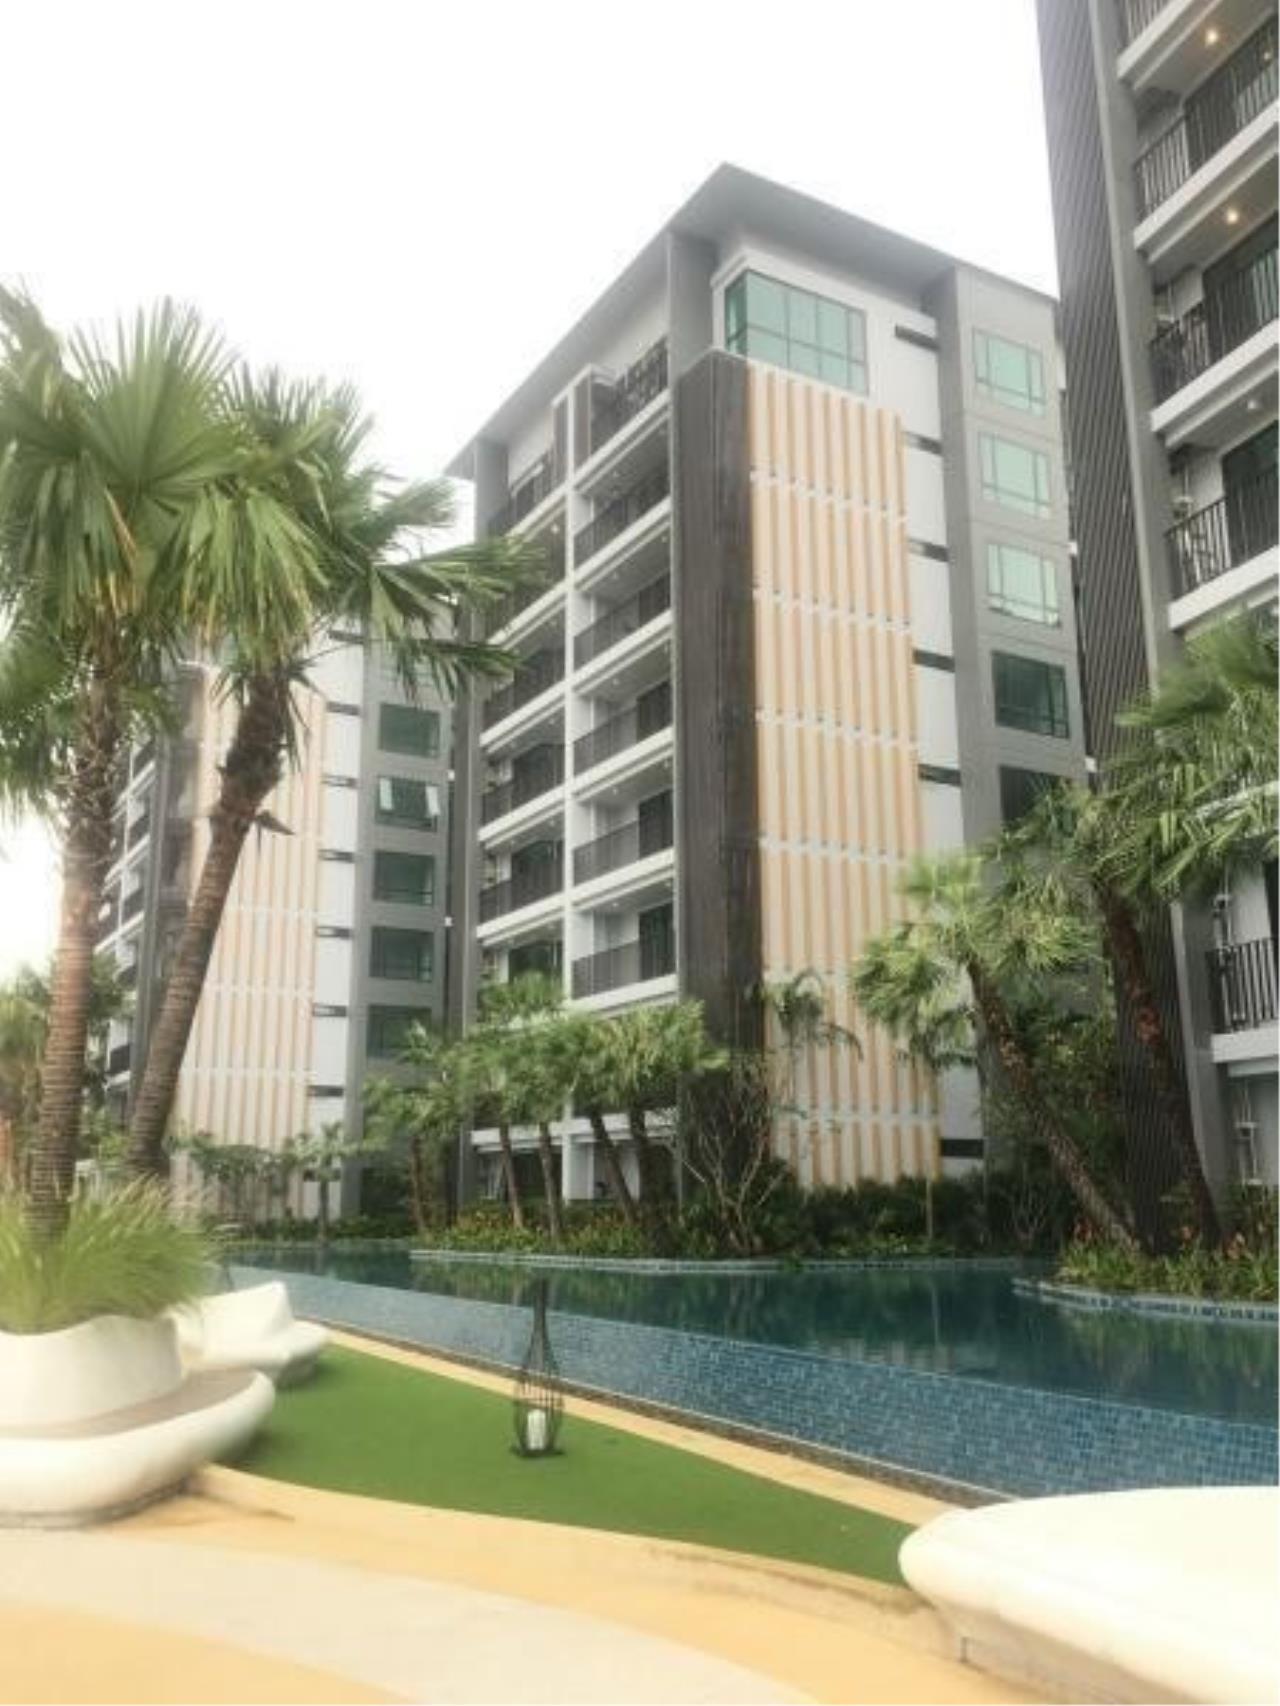 metro luxe riverfront condo bangkok 594109646d275e27c0000080_full